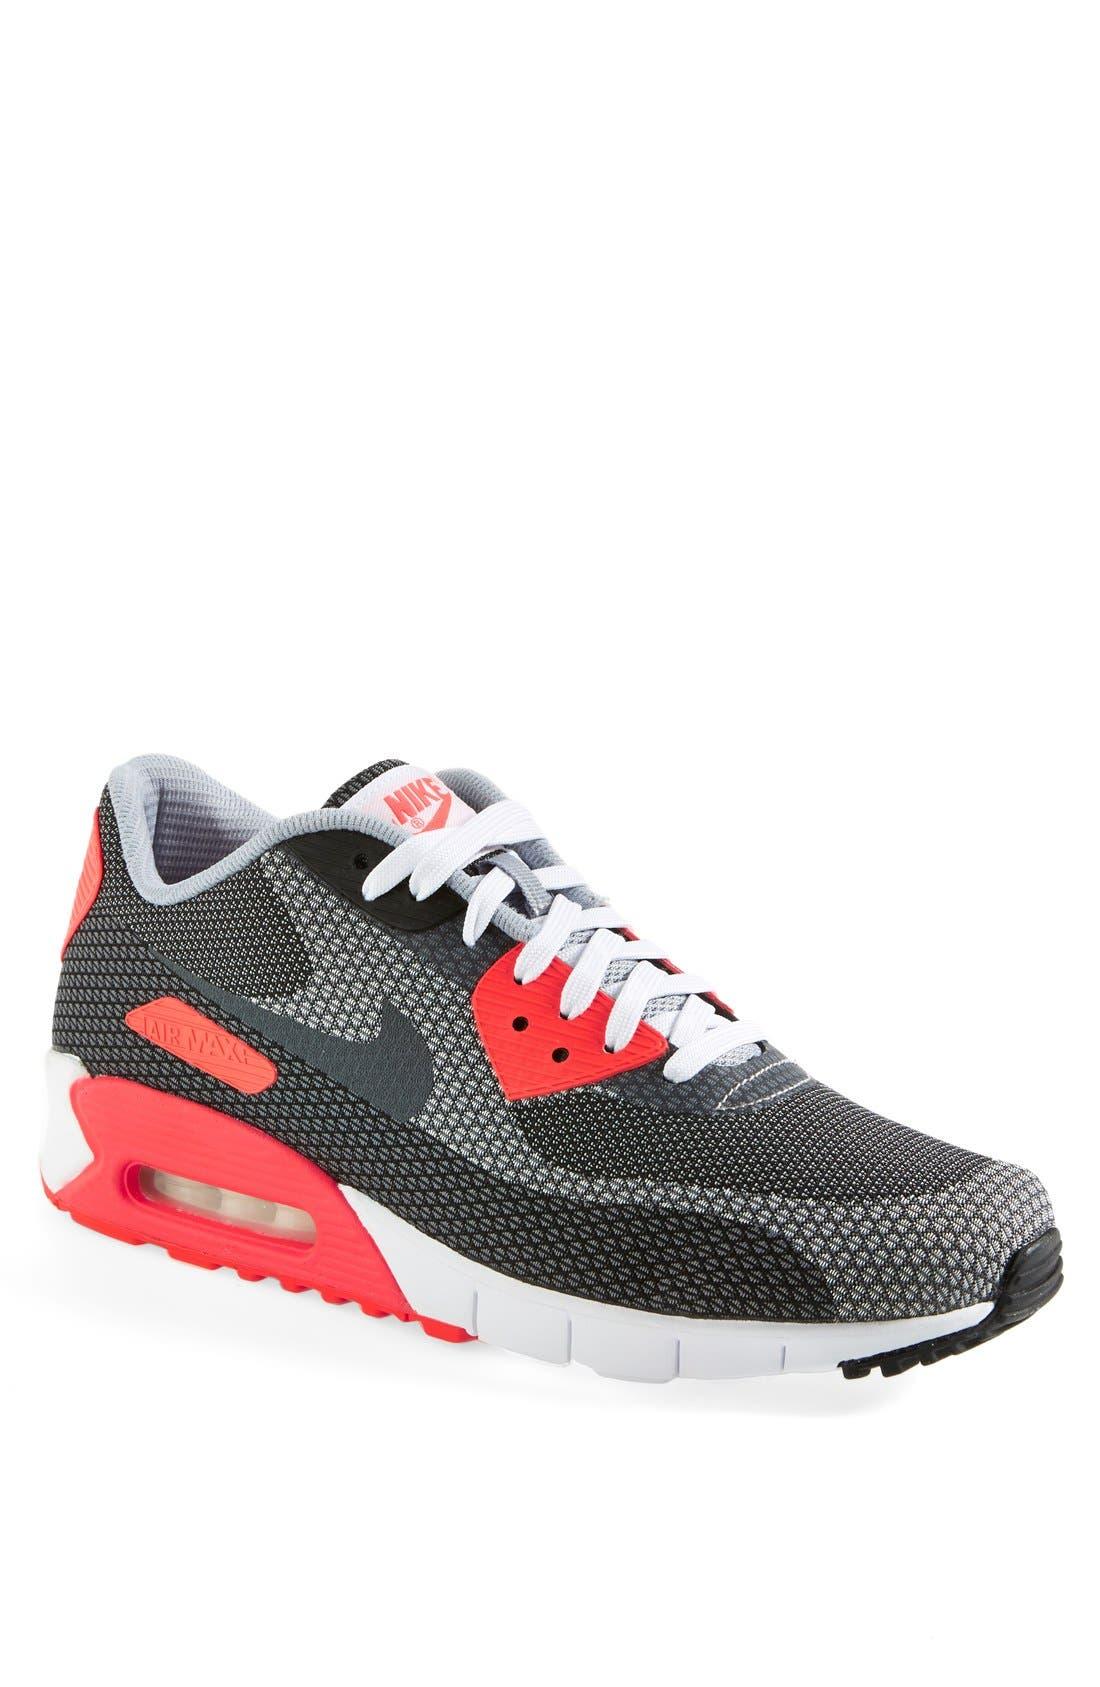 Alternate Image 1 Selected - Nike 'Air Max 90 Jacquard' (QS) Sneaker (Men)